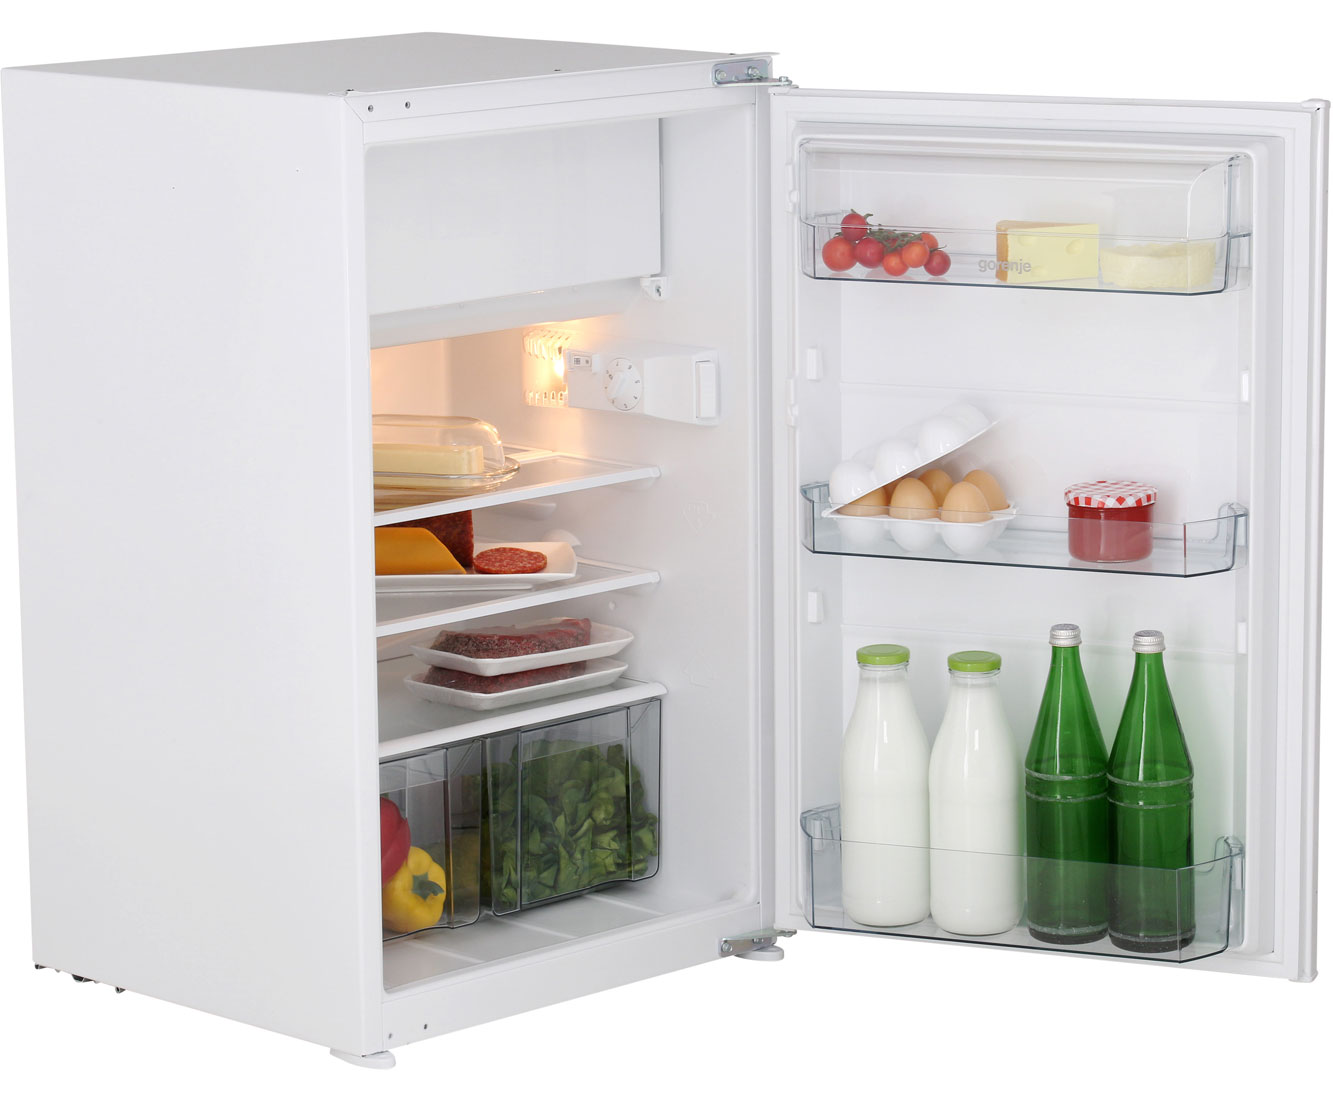 Gorenje Kühlschrank Abtauautomatik : Gorenje rbi aw einbau kühlschrank mit gefrierfach er